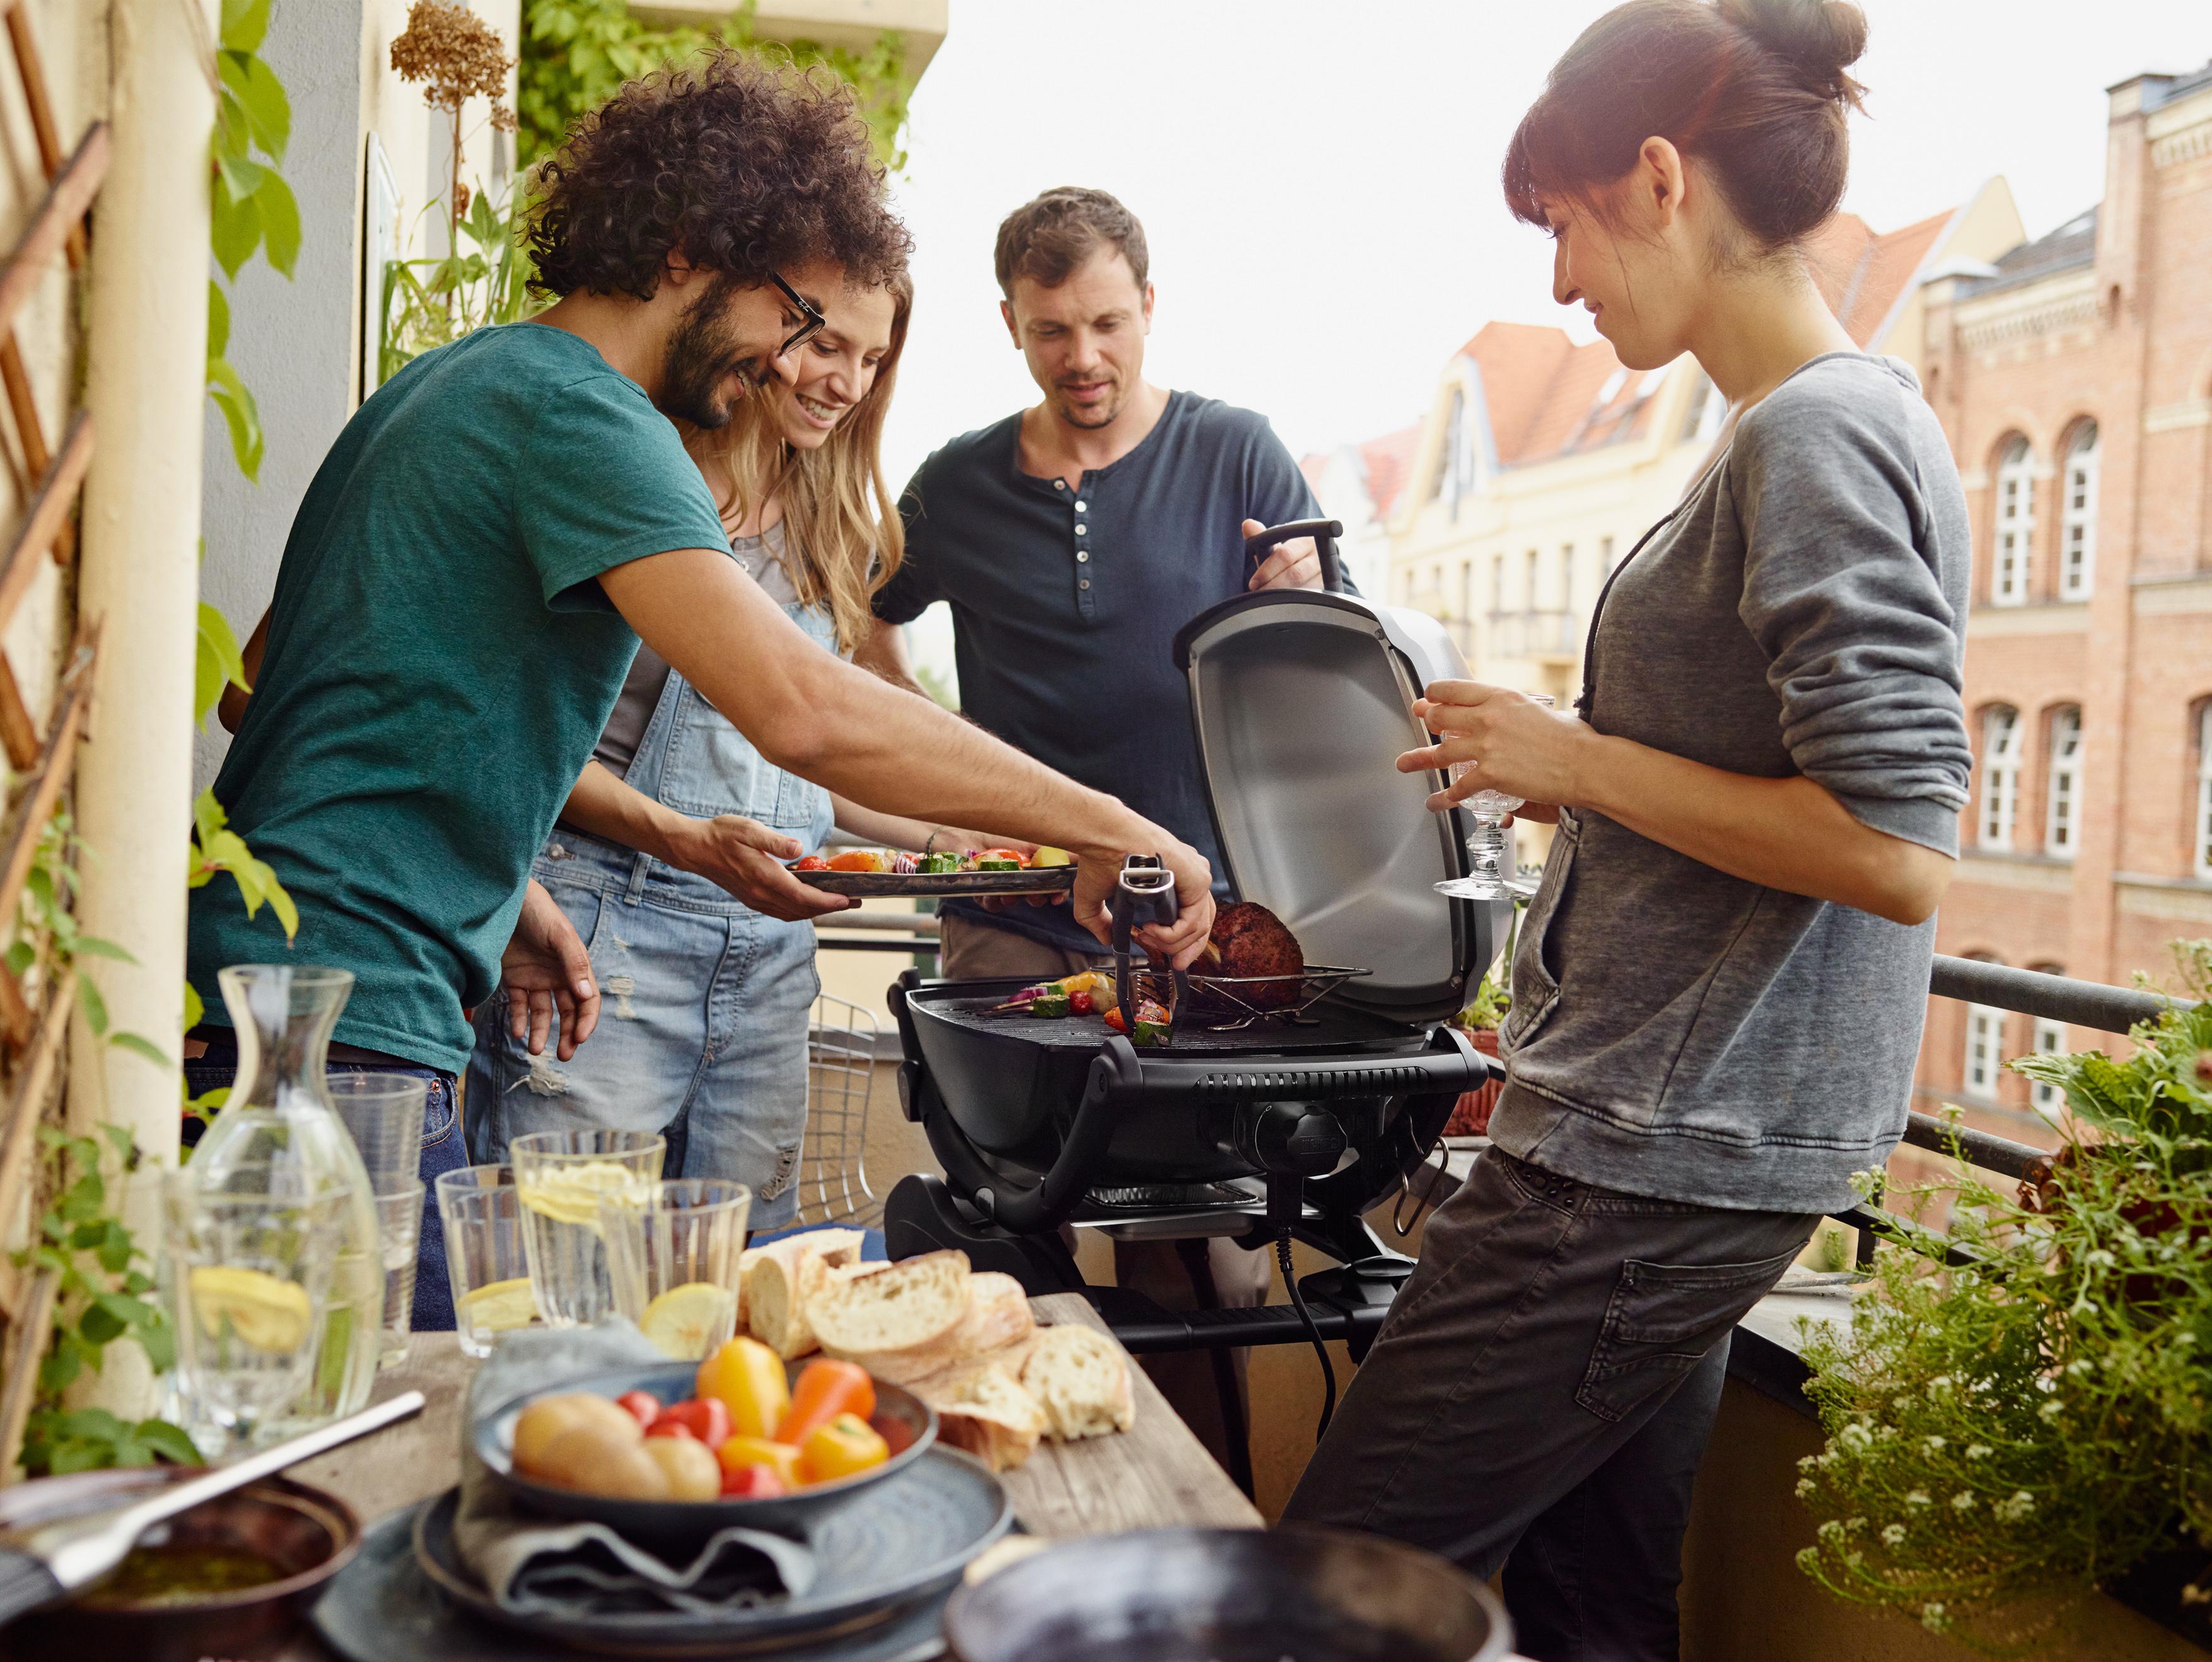 Weber Elektrogrill Einschalten : Grillen mit elektrogrill entspannter grillspaß für balkon und wohnung